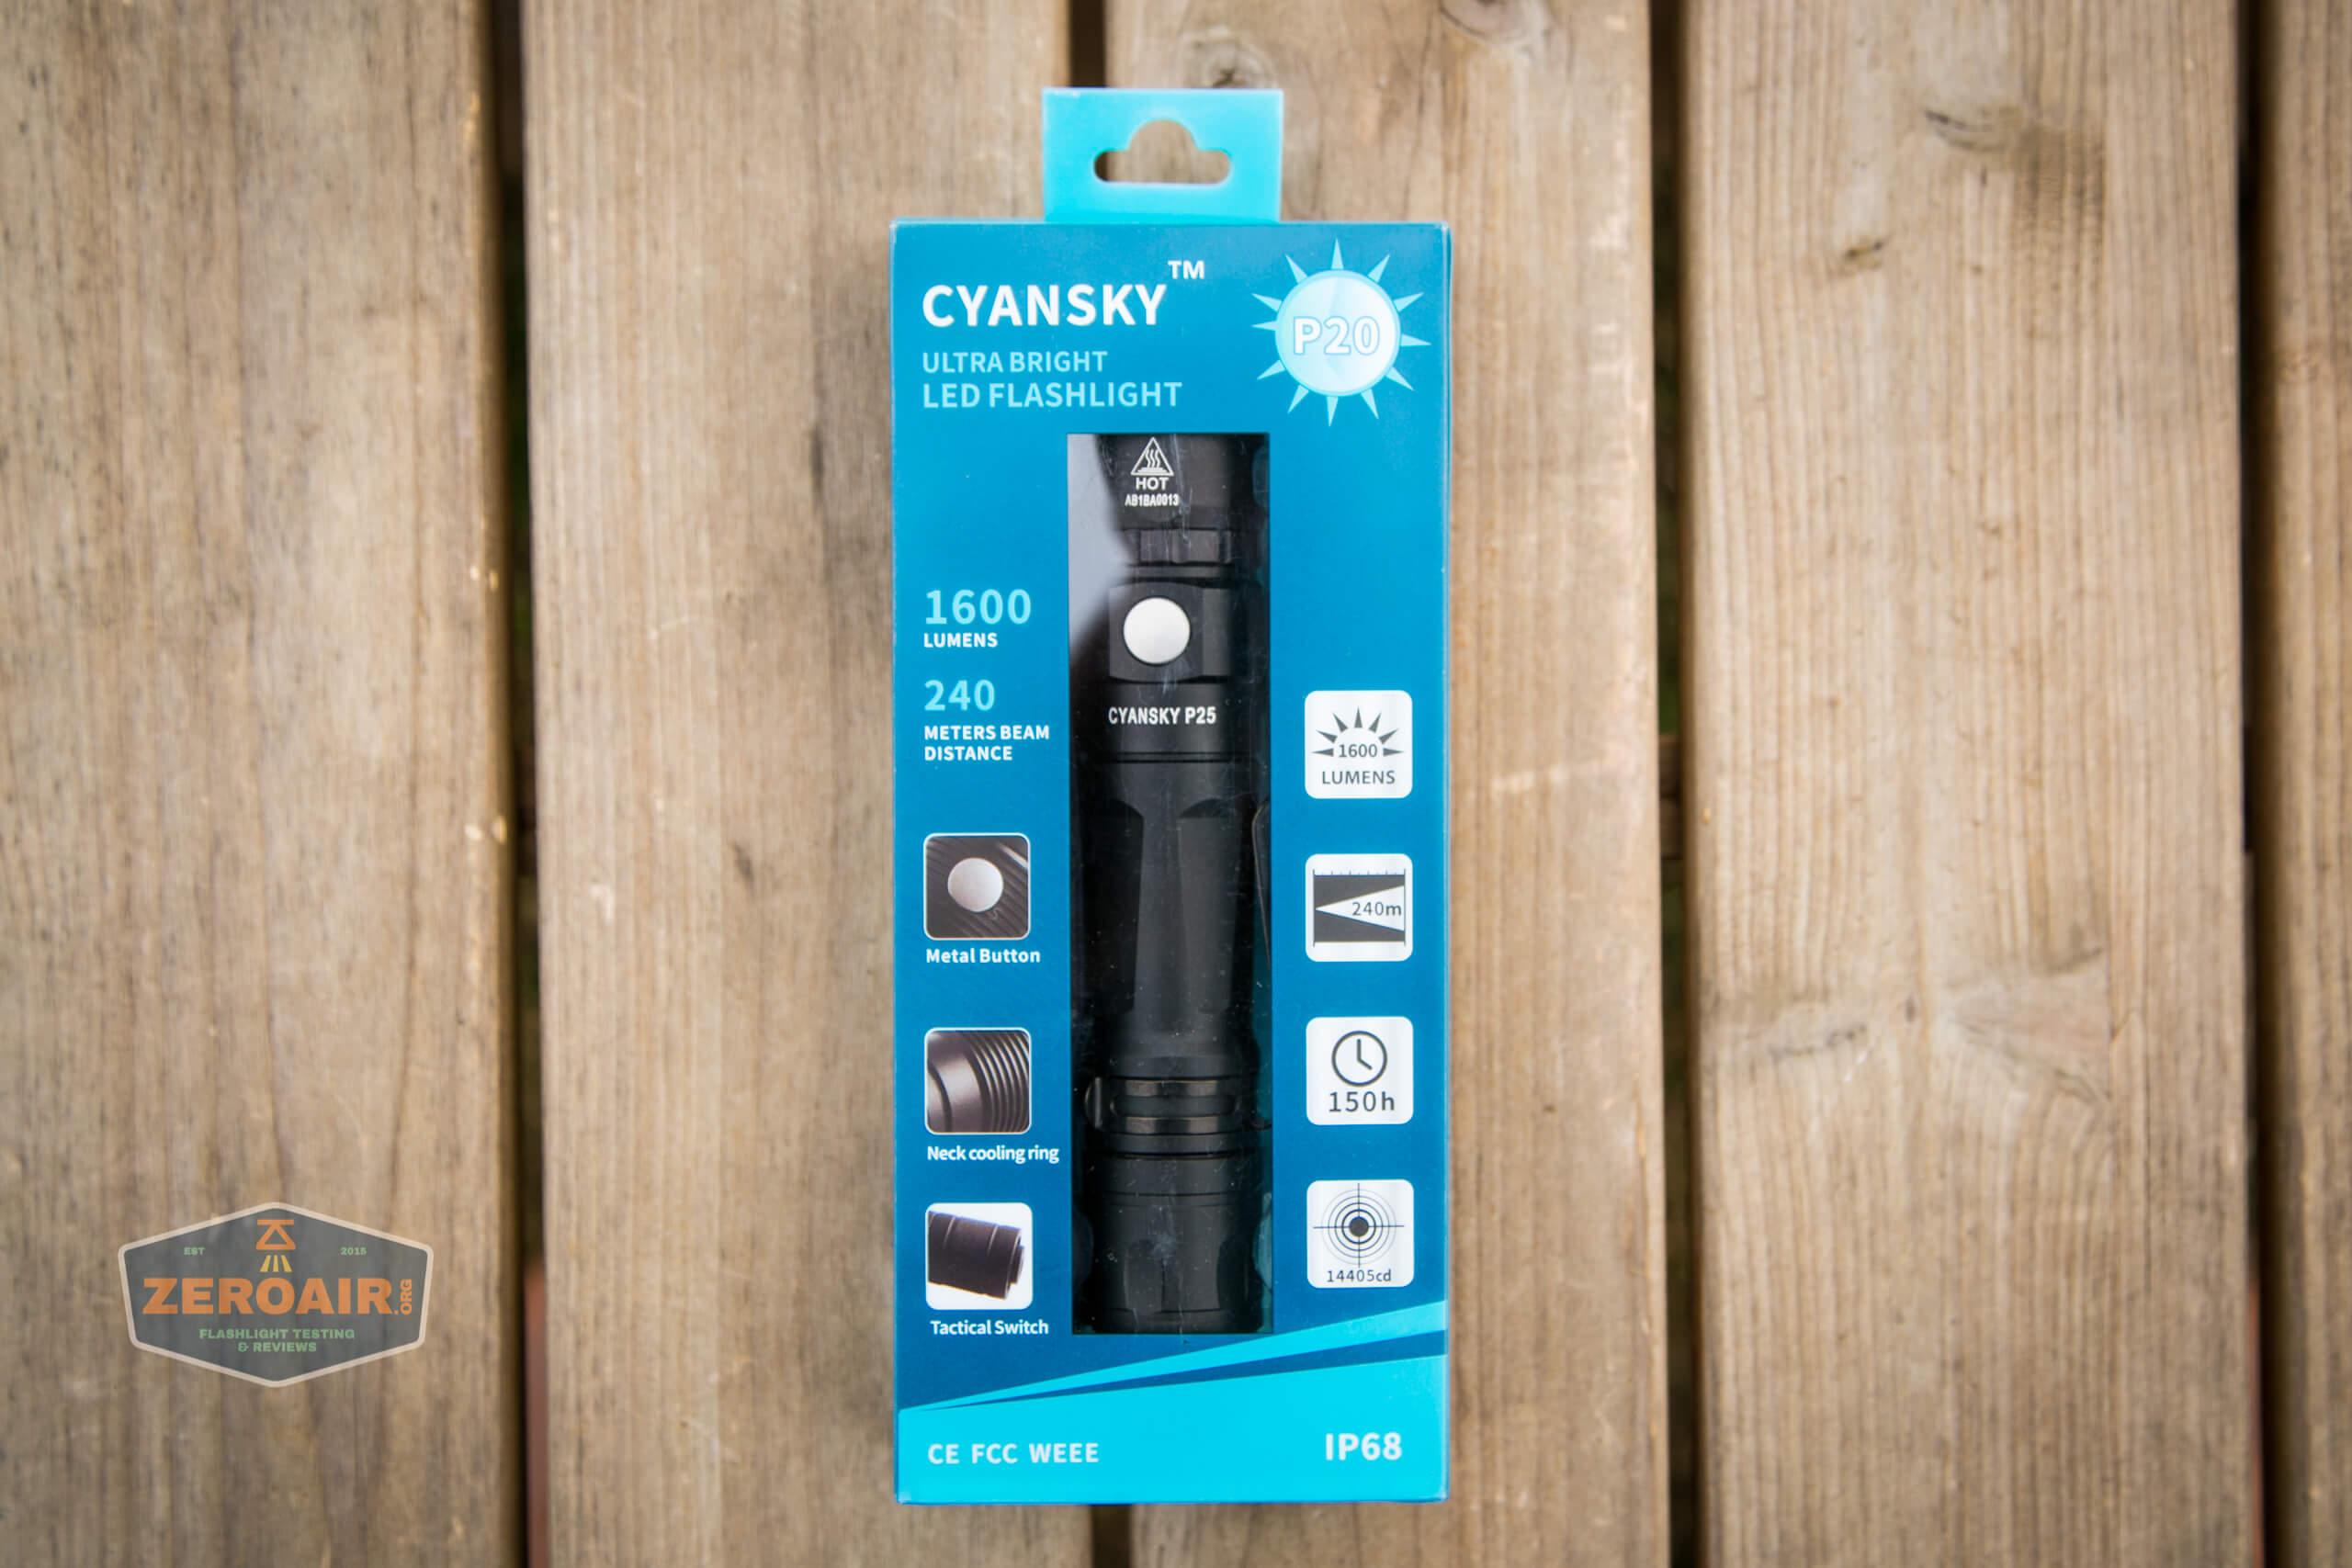 Cyansky P25 Flashlight wrong box